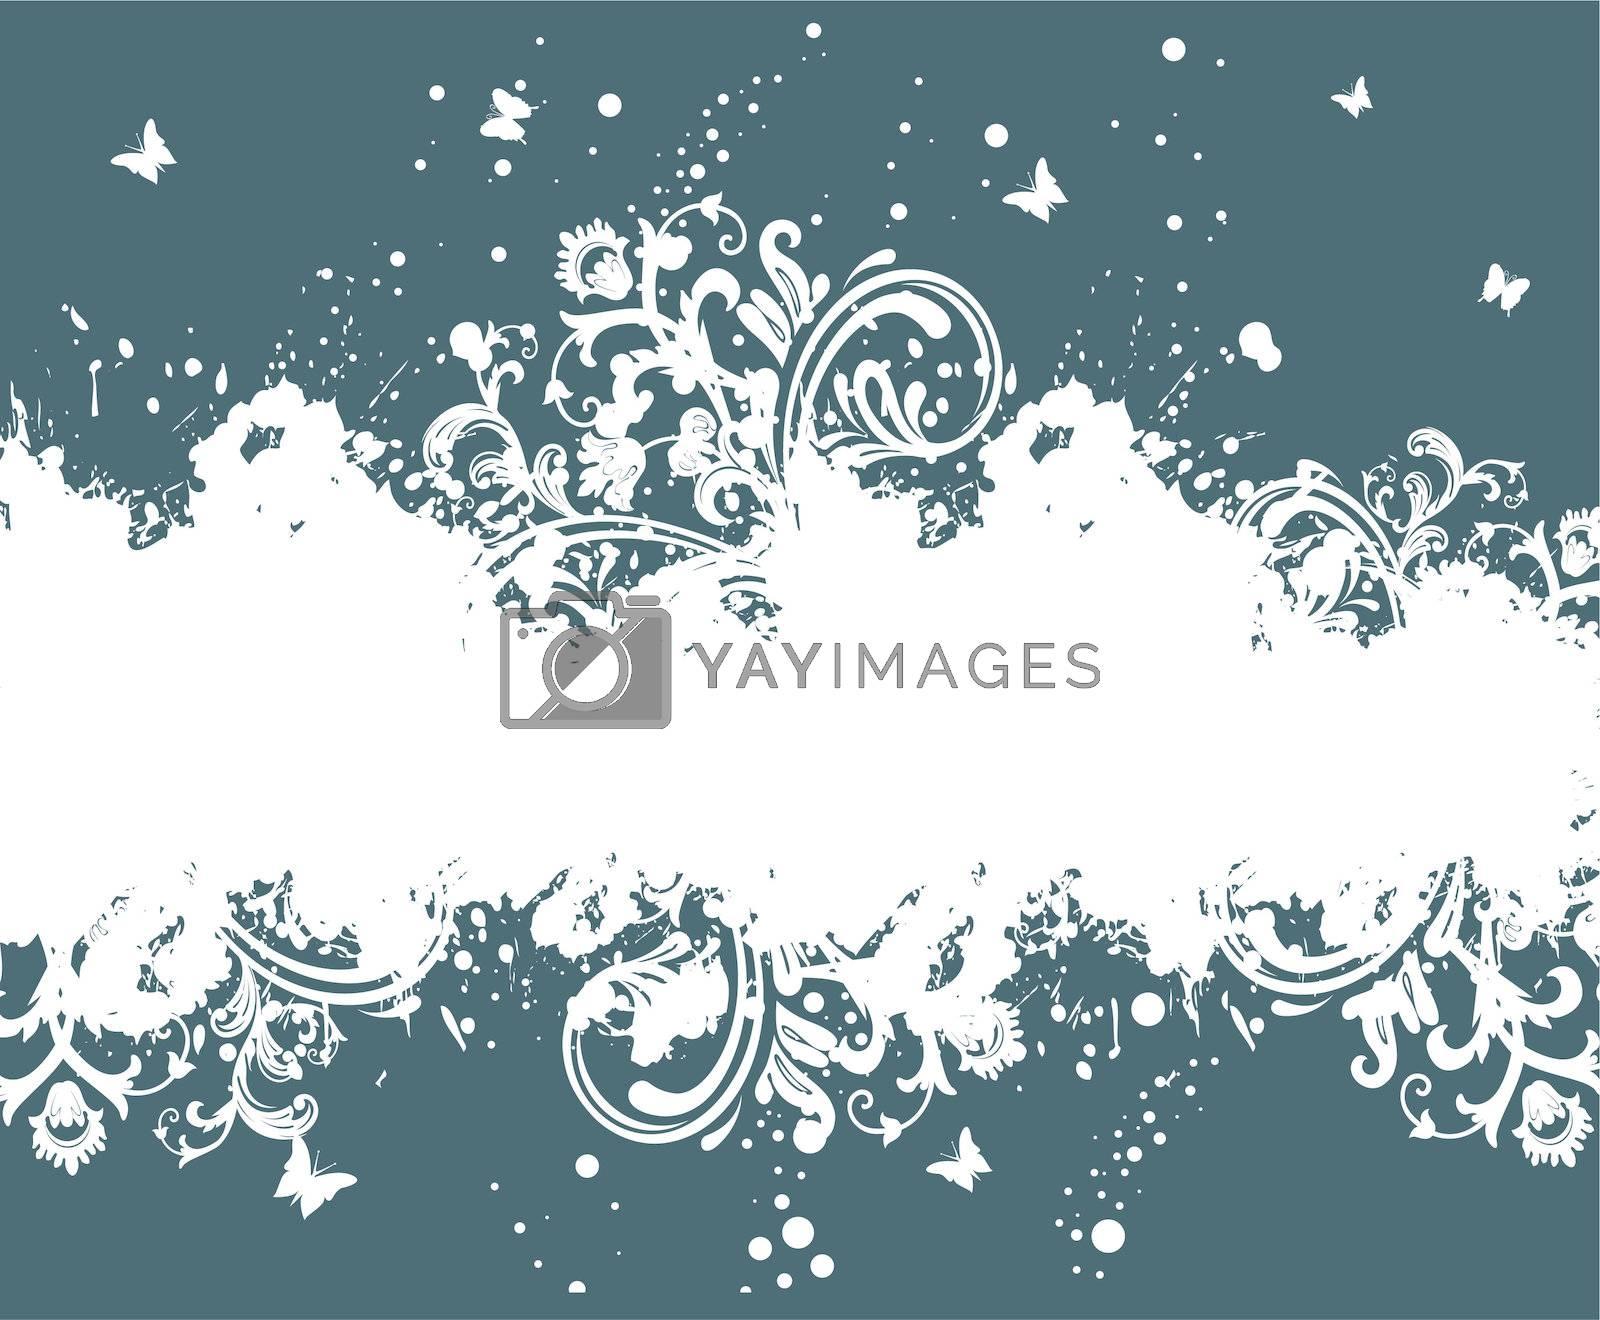 Vector illustration of Floral background